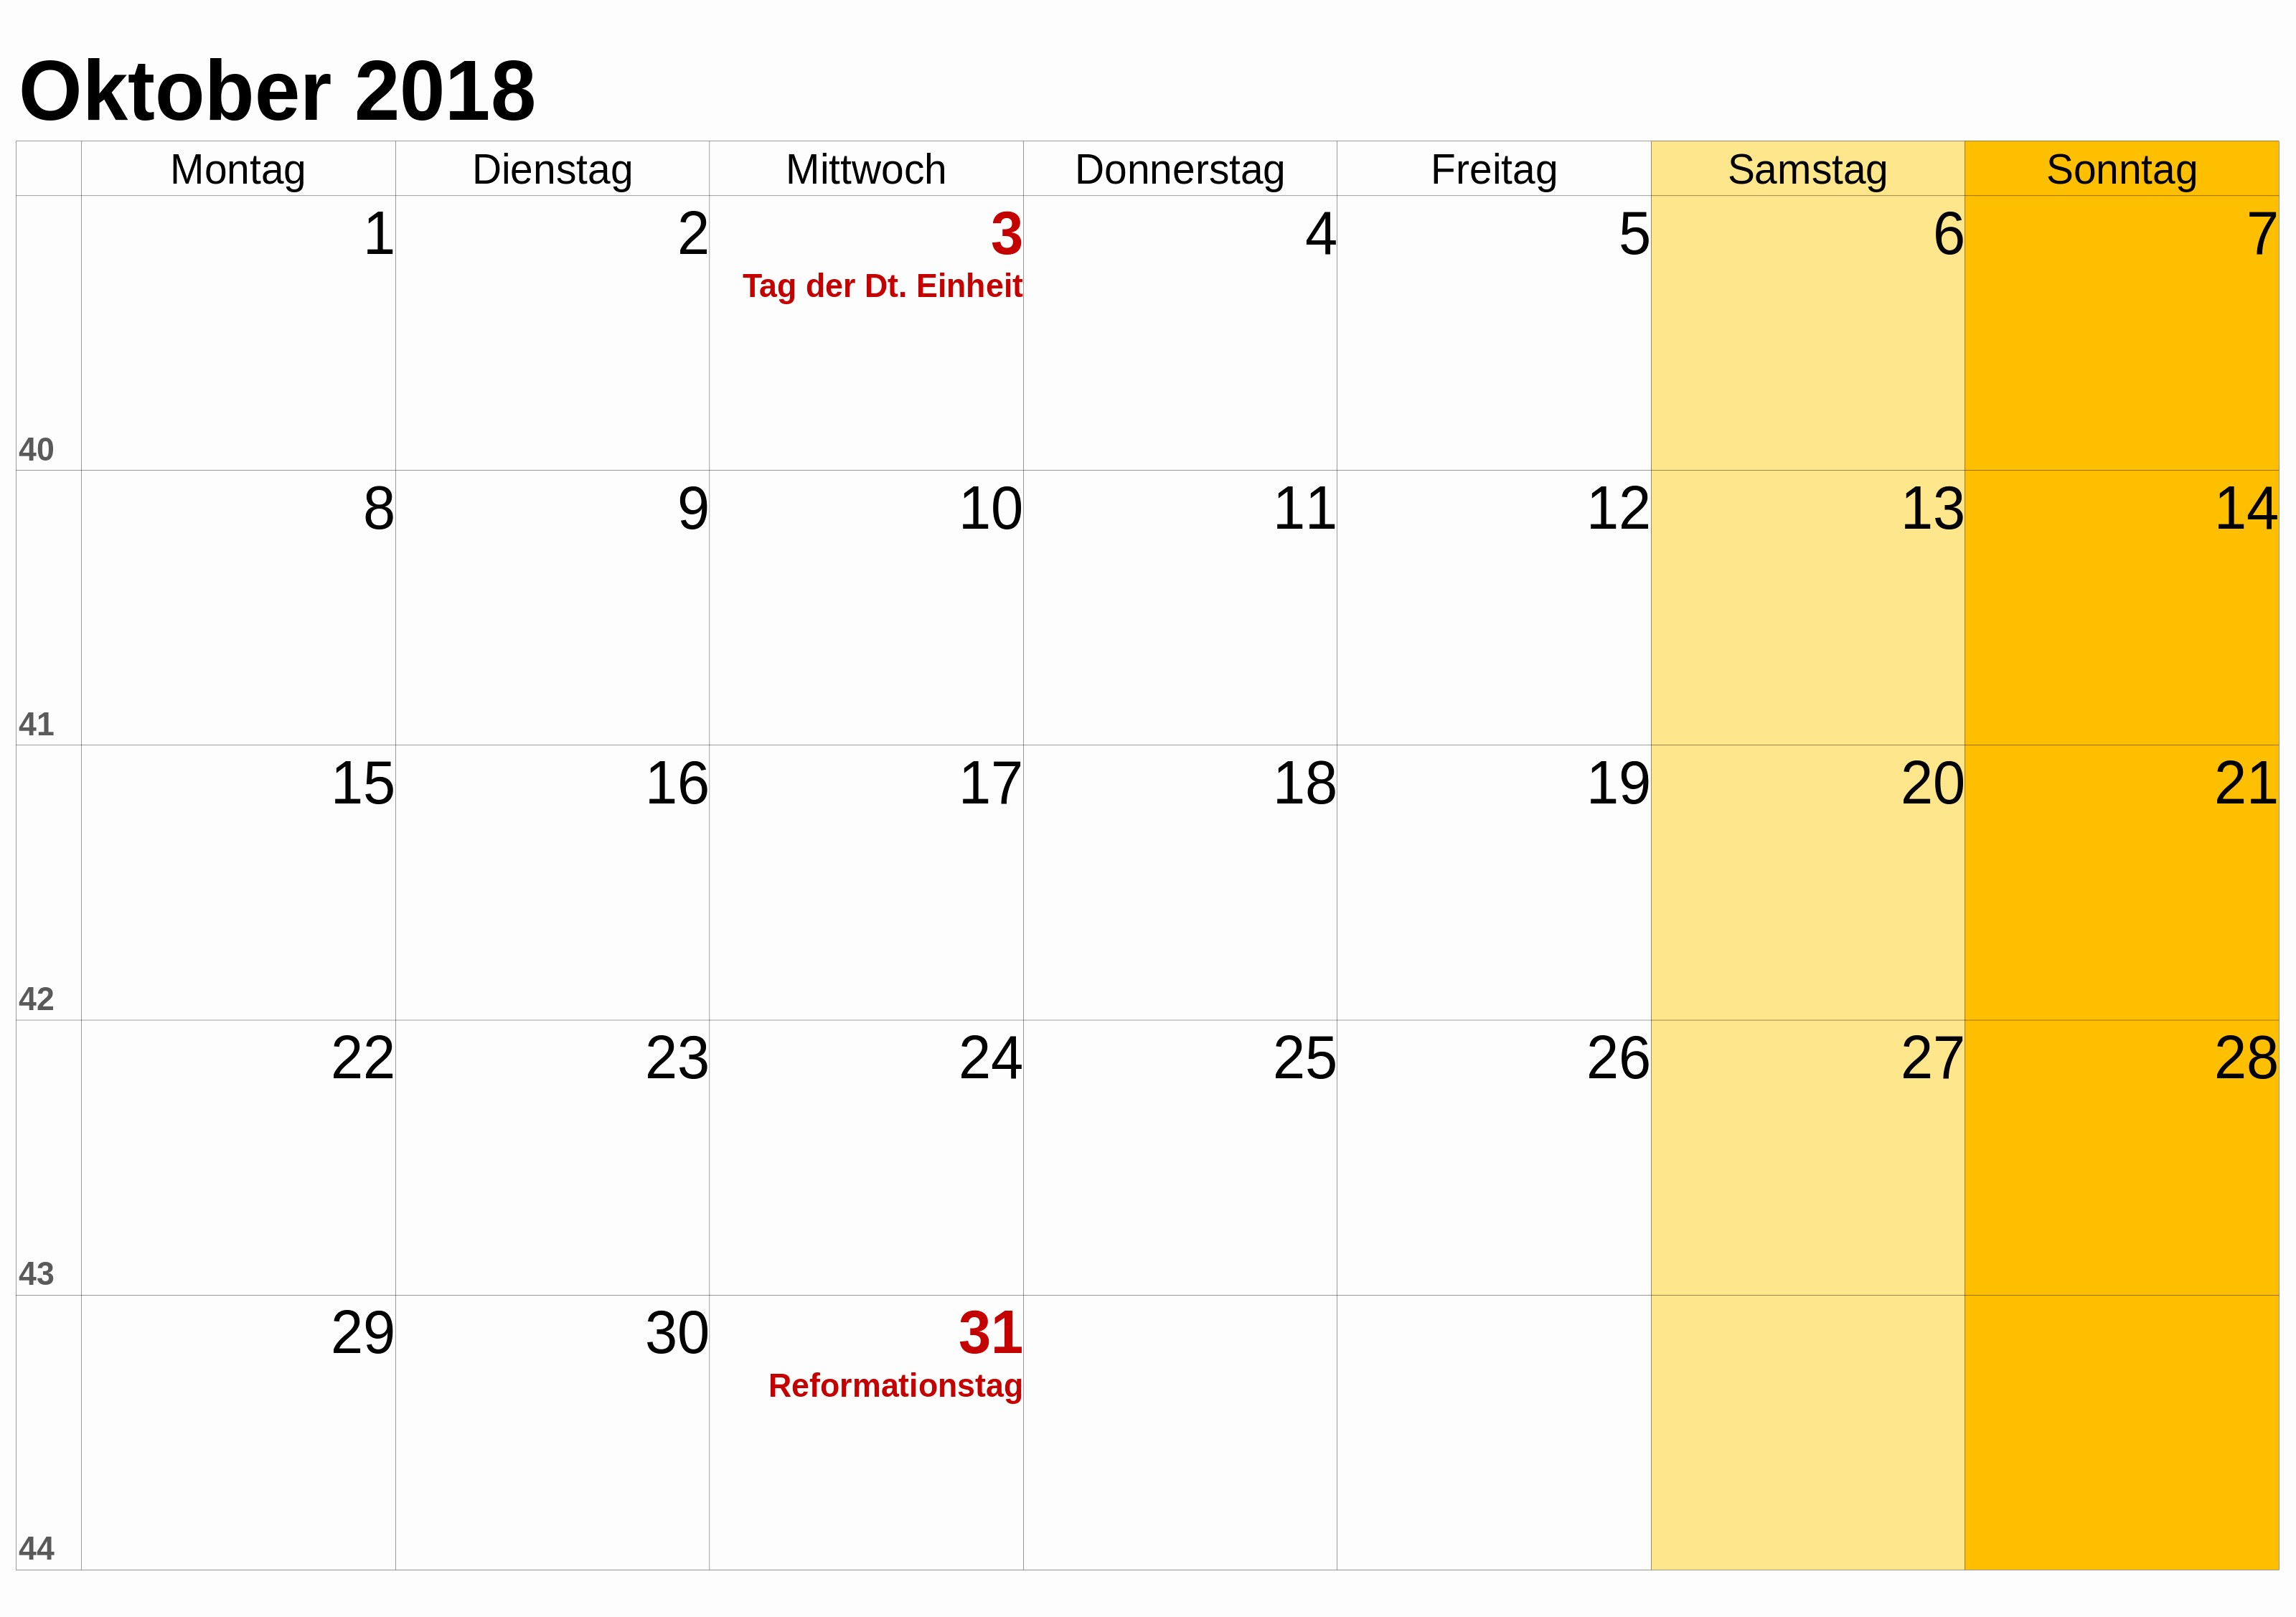 Kalender 2019 Excel Erstellen Mejores Y Más Novedosos Monatskalender 2017 Zum Ausdrucken Best Kalender Oktober 2018 Zum Of Kalender 2019 Excel Erstellen Más Actual Excel Monatskalender Erstellen Elegant Excel Kalender 2019 Download